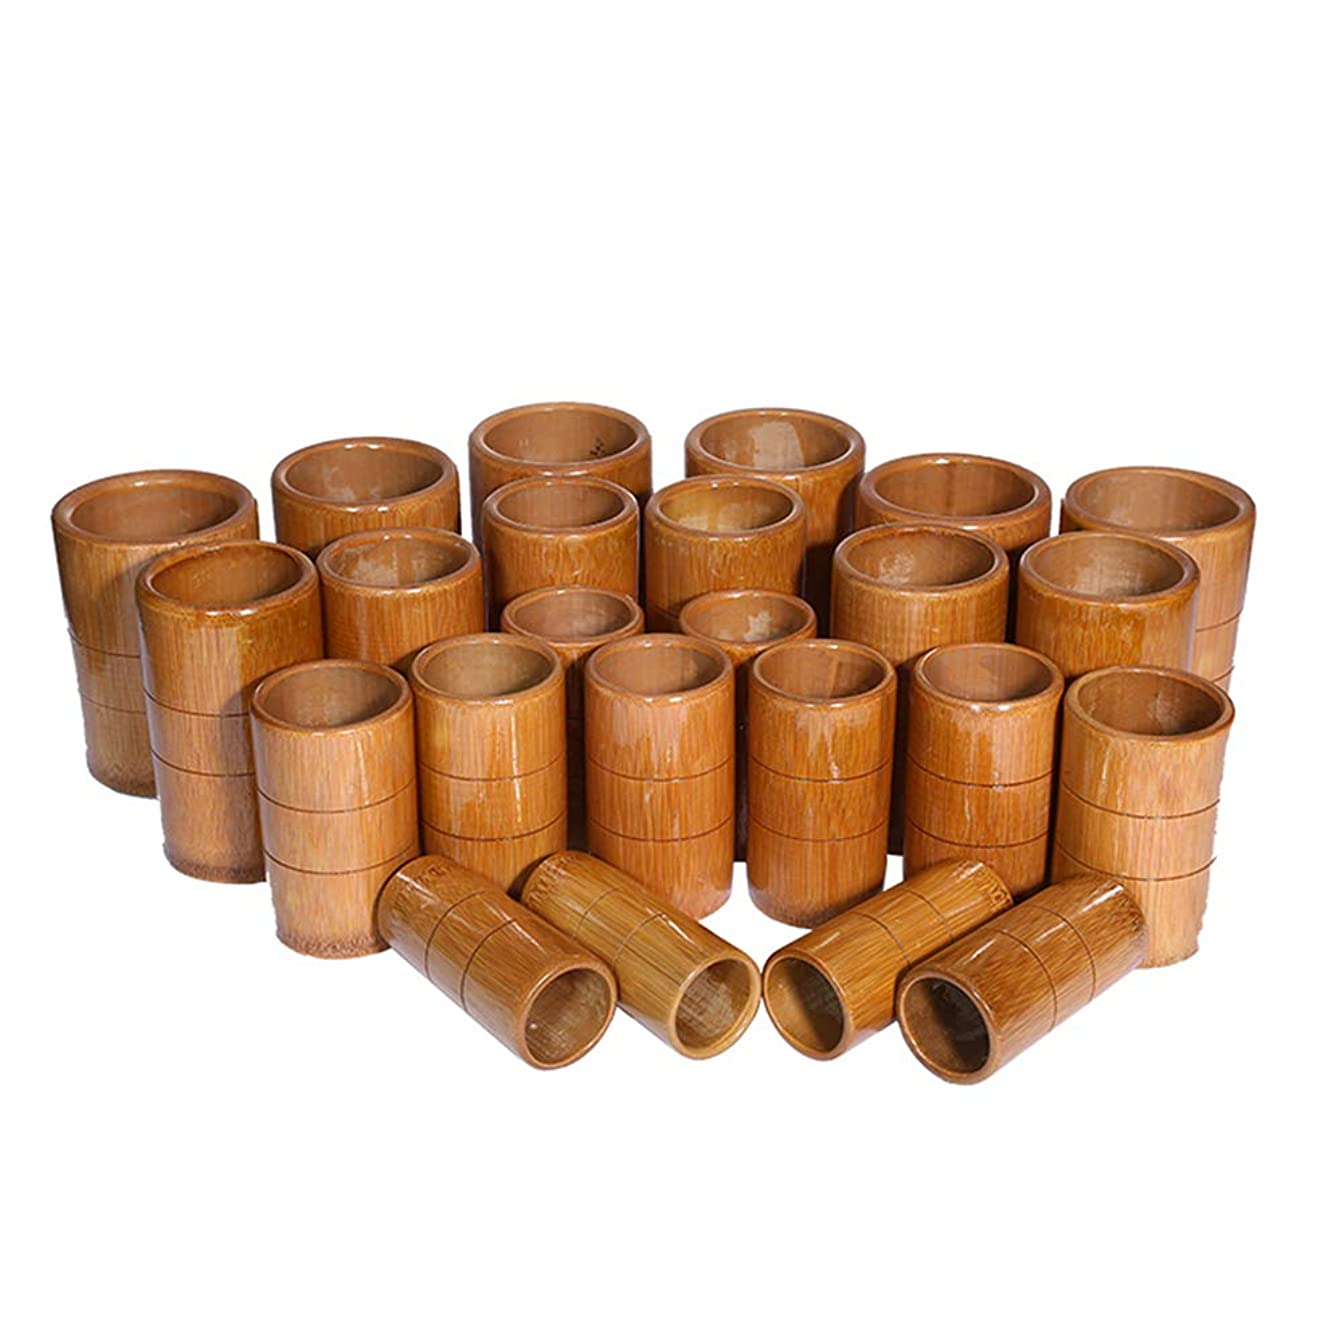 器具受け取る暖炉マッサージバキュームカップキット - カッピング竹療法セット - 炭缶鍼治療ボディ医療吸引セット,A10pcs